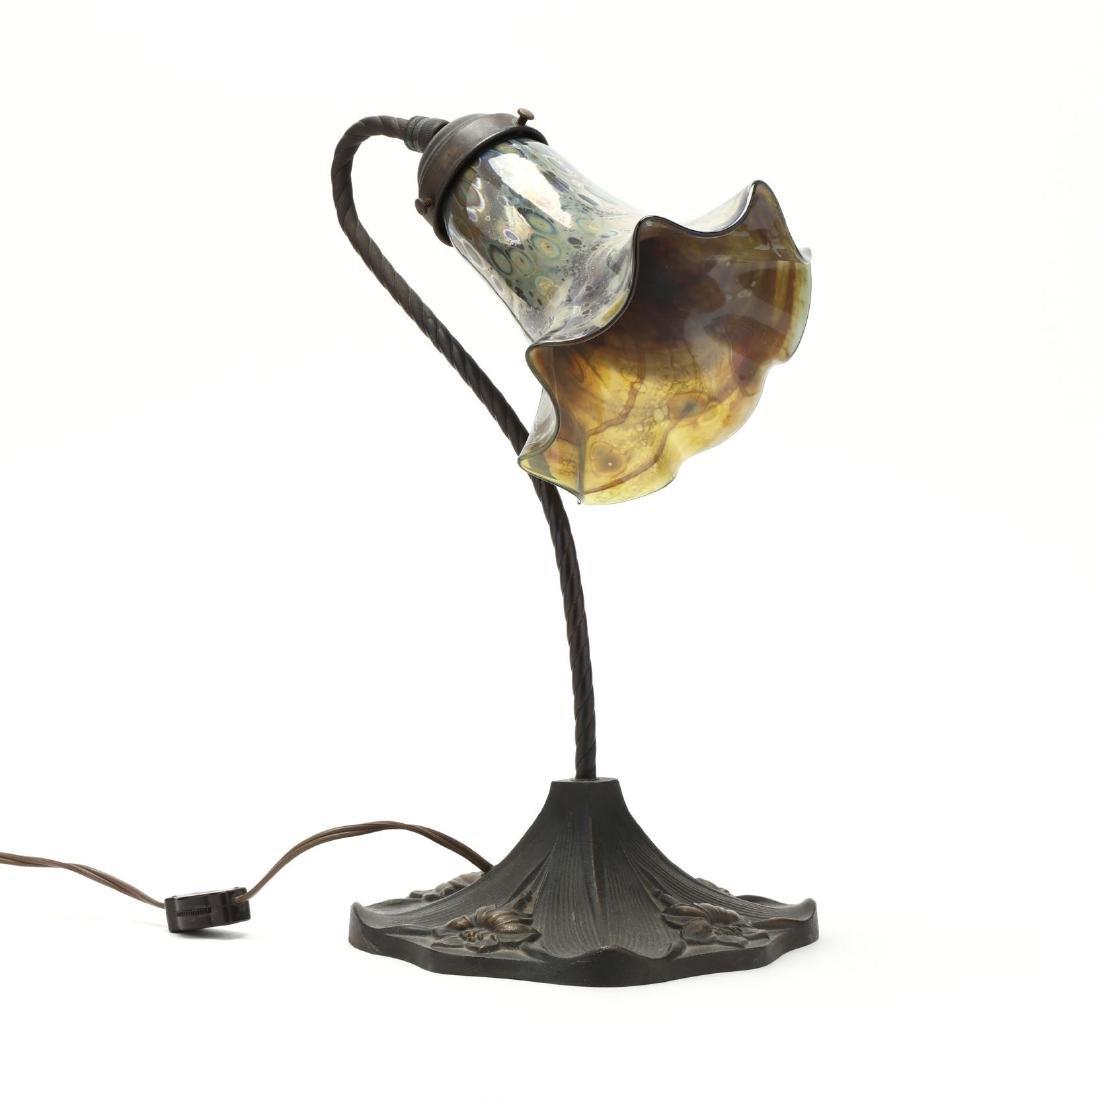 Art Nouveau Style Bronze Table Lamp